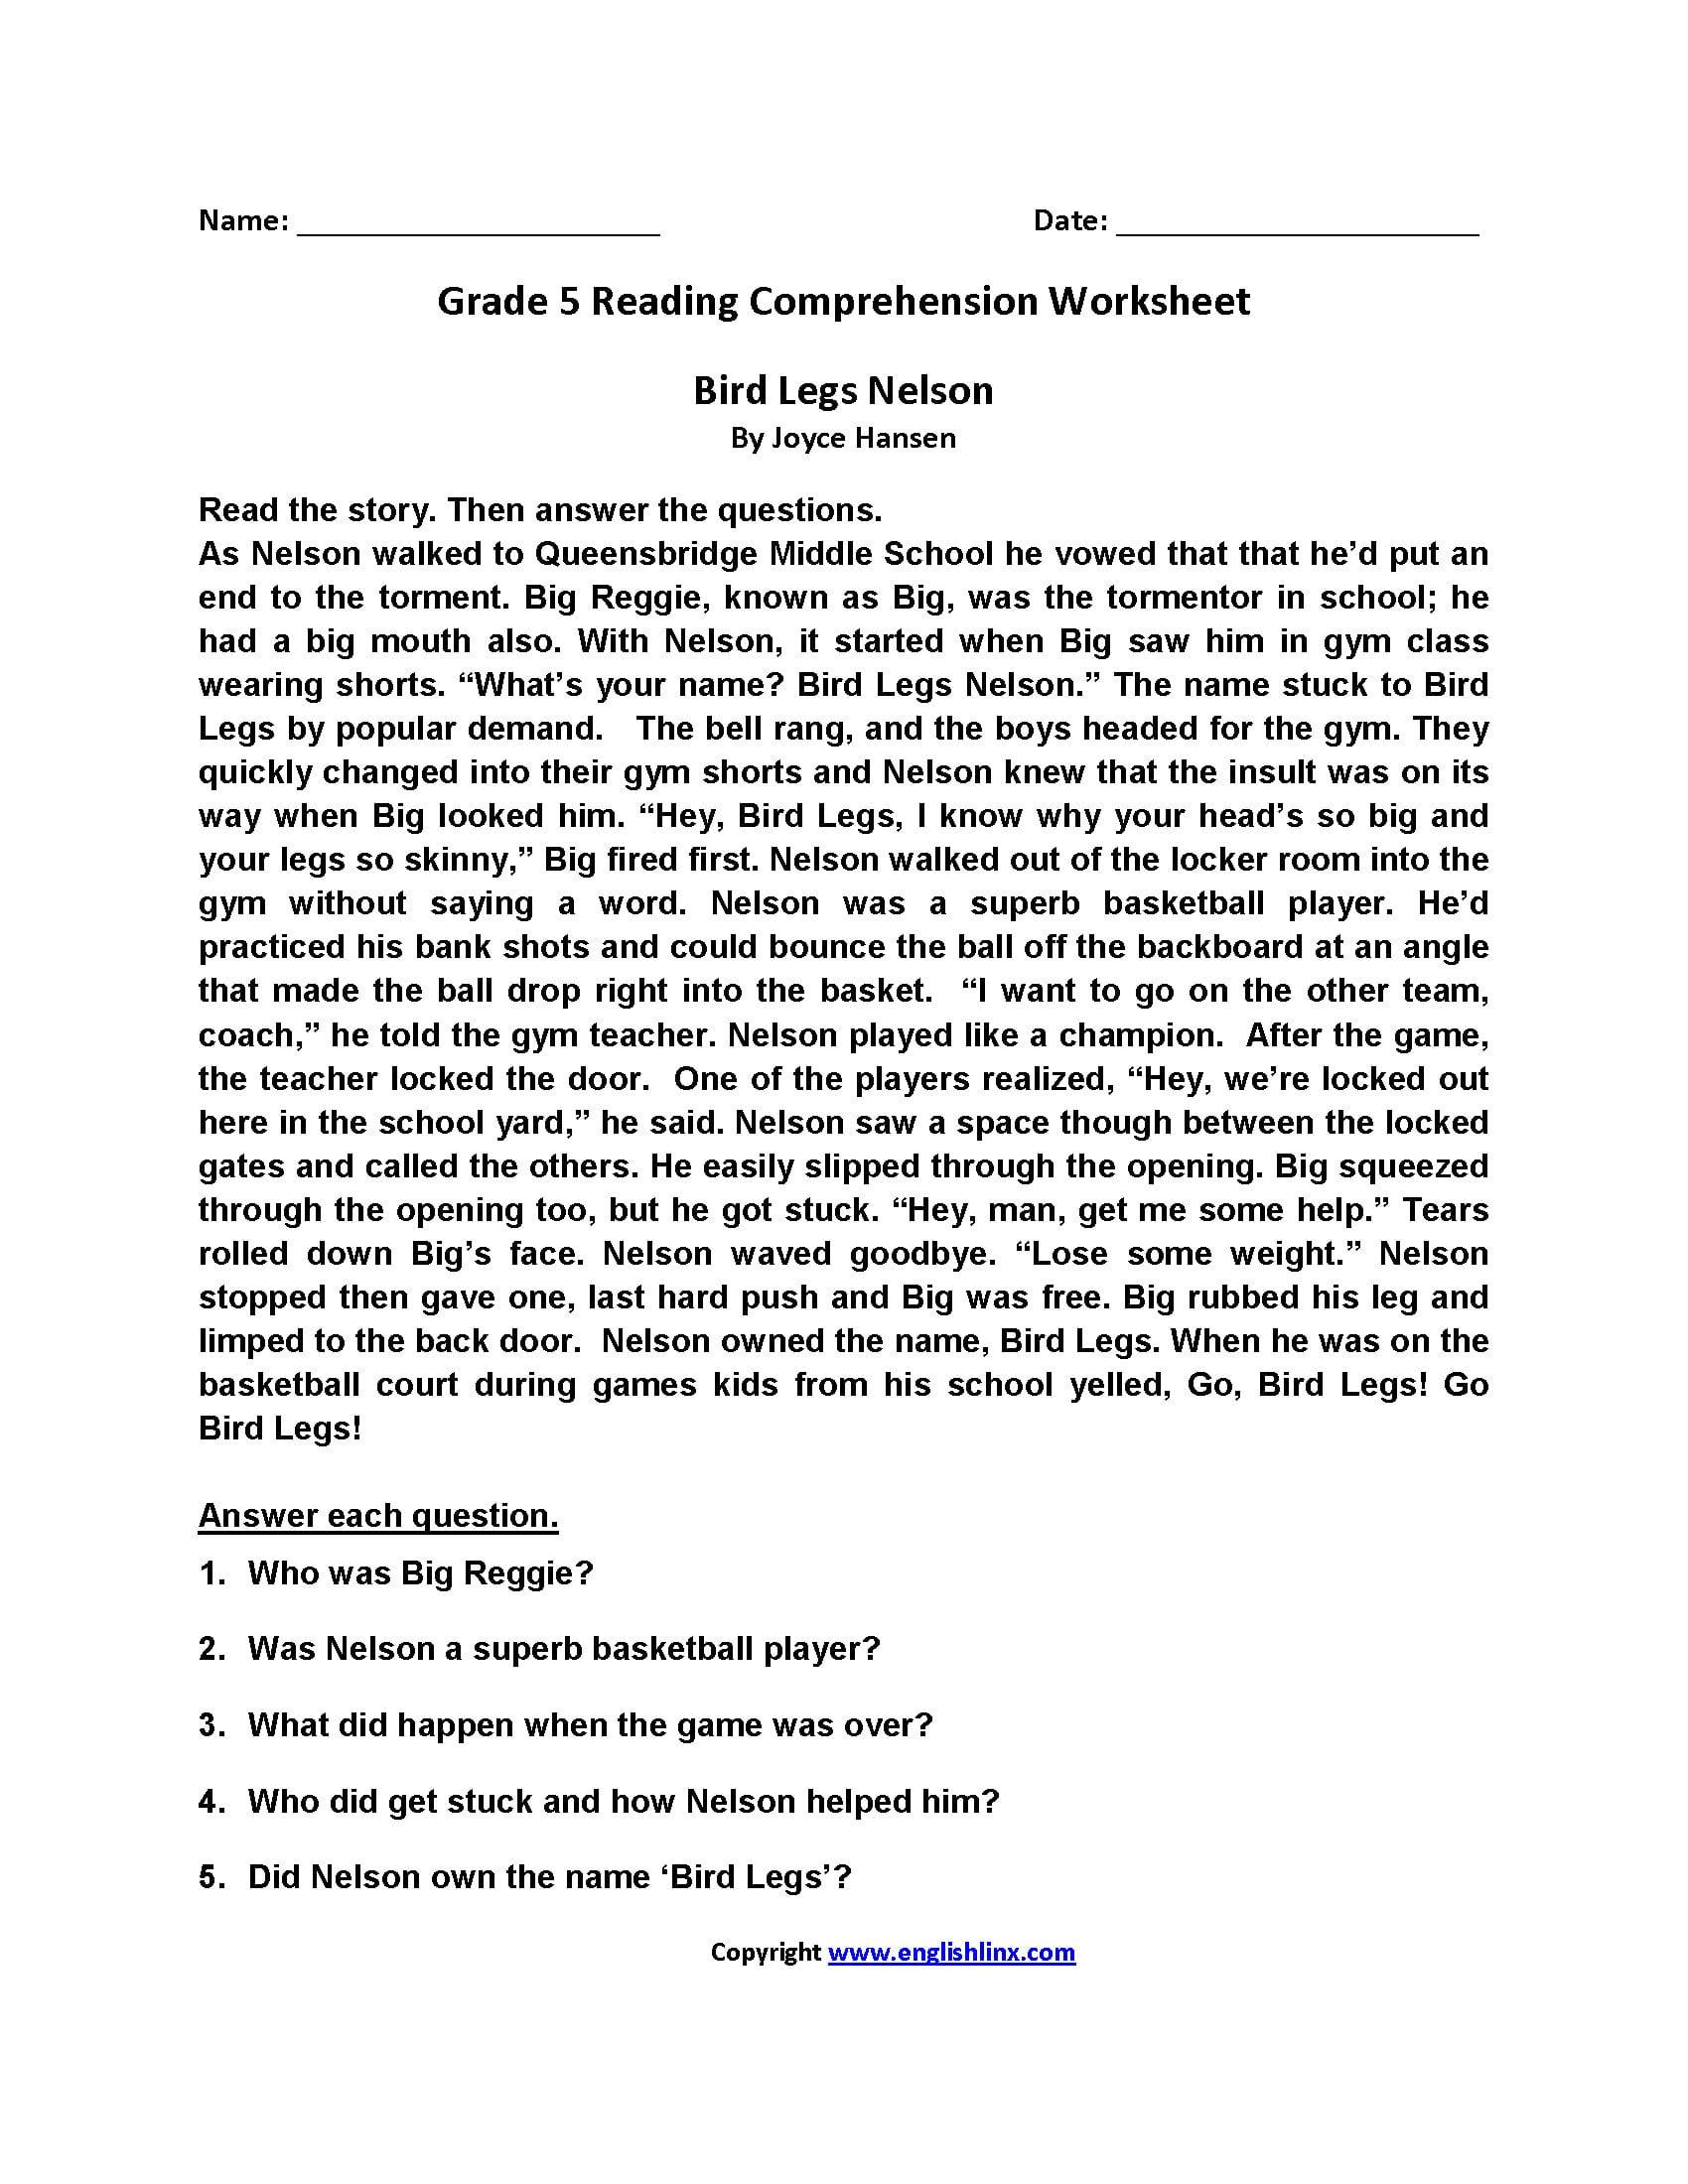 Grade 5 Reading Comprehension Worksheets